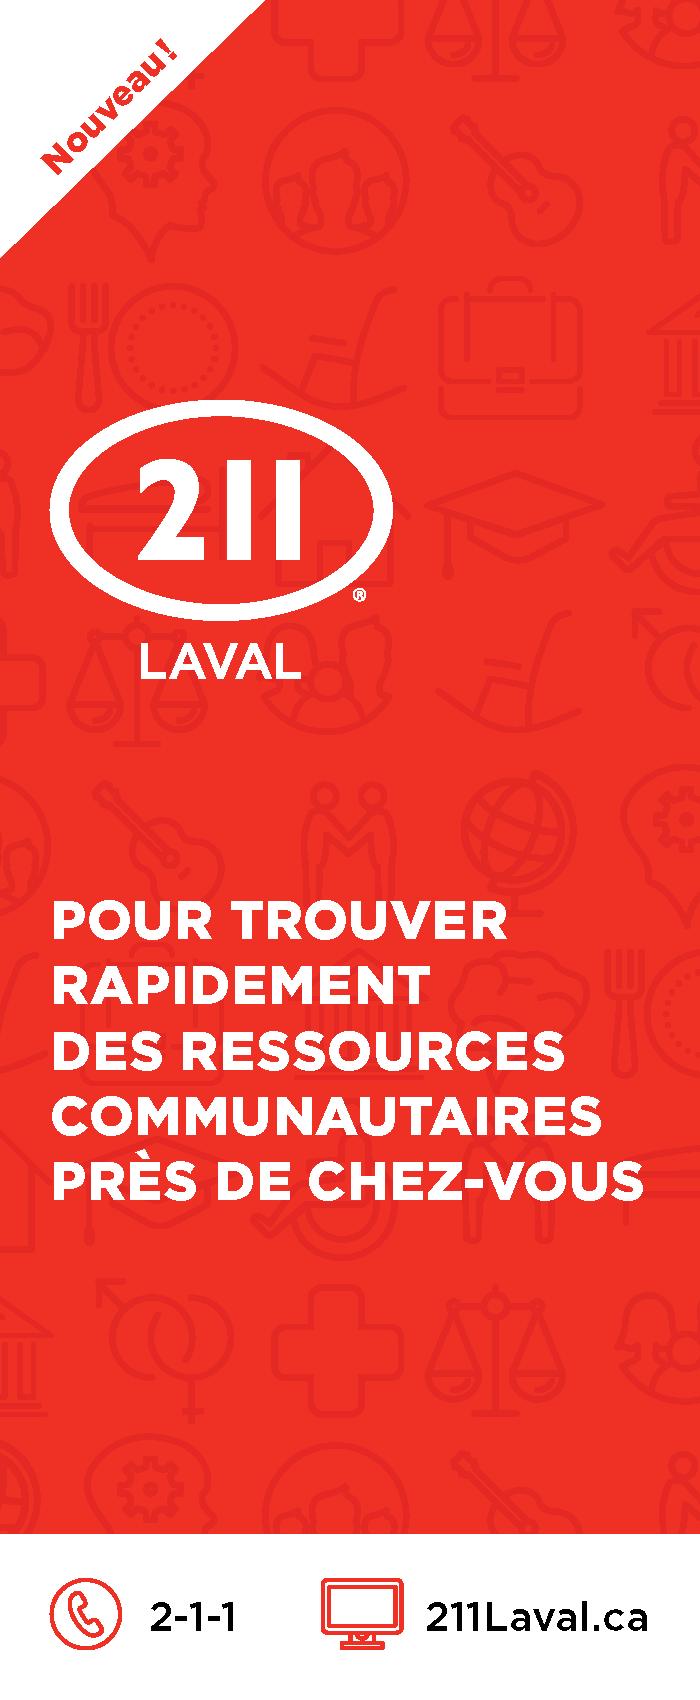 211 Laval